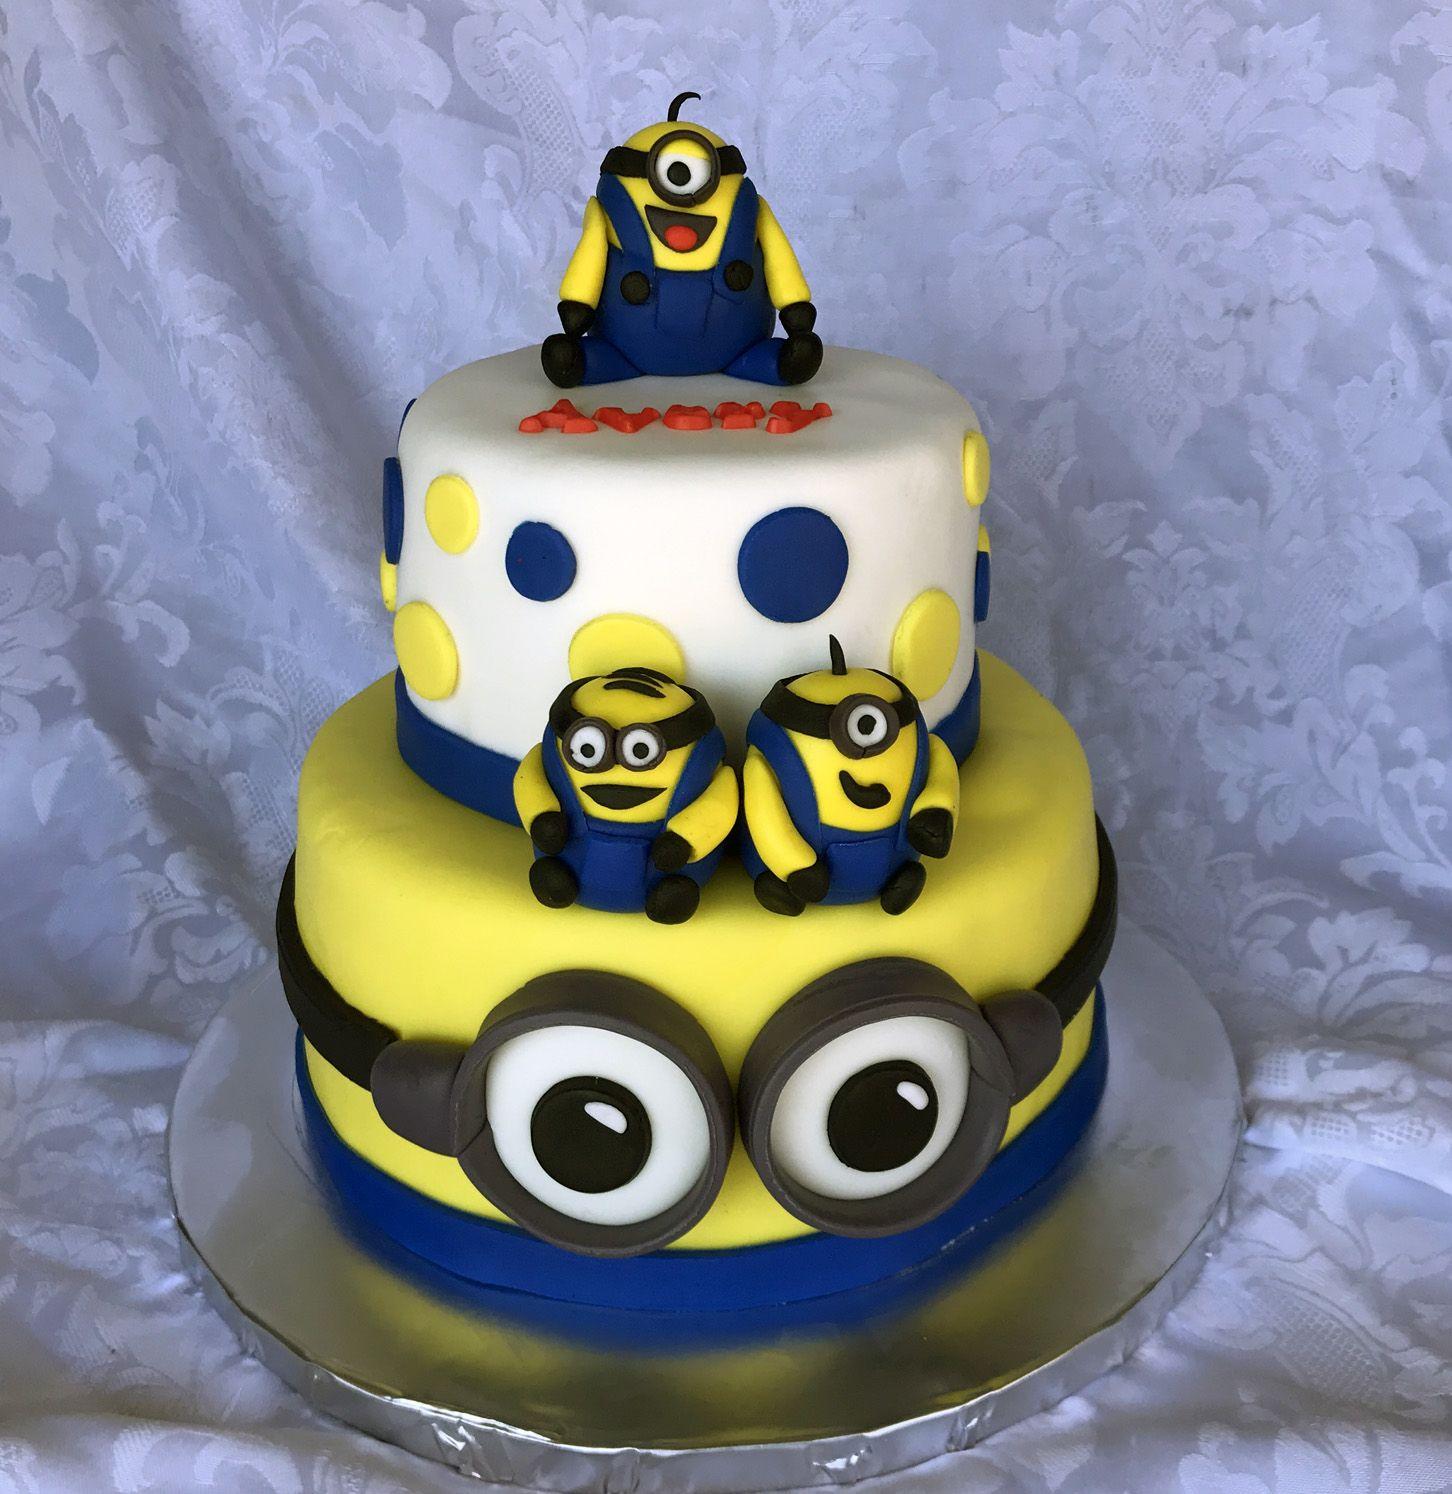 Minion cake story kay cake designs cakes pinterest minion minion cake story kay cake designs maxwellsz